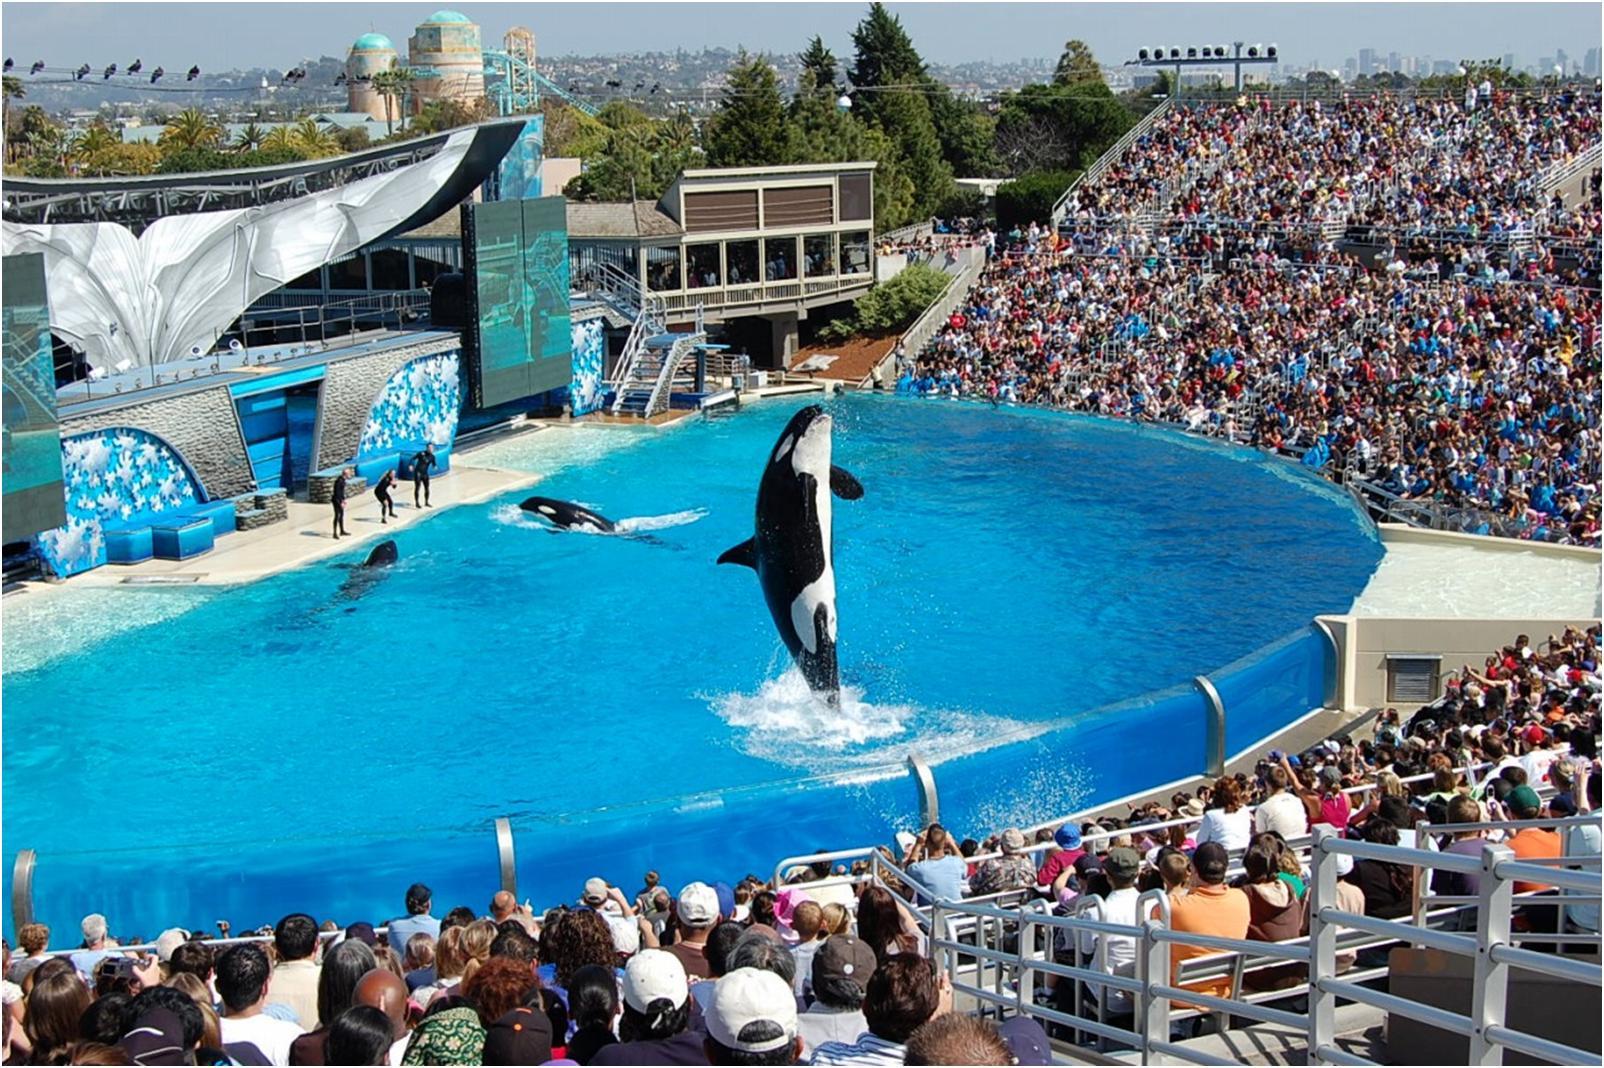 【シーワールド・サンディエゴ】シャチを間近で!イルカと触れ合おう!